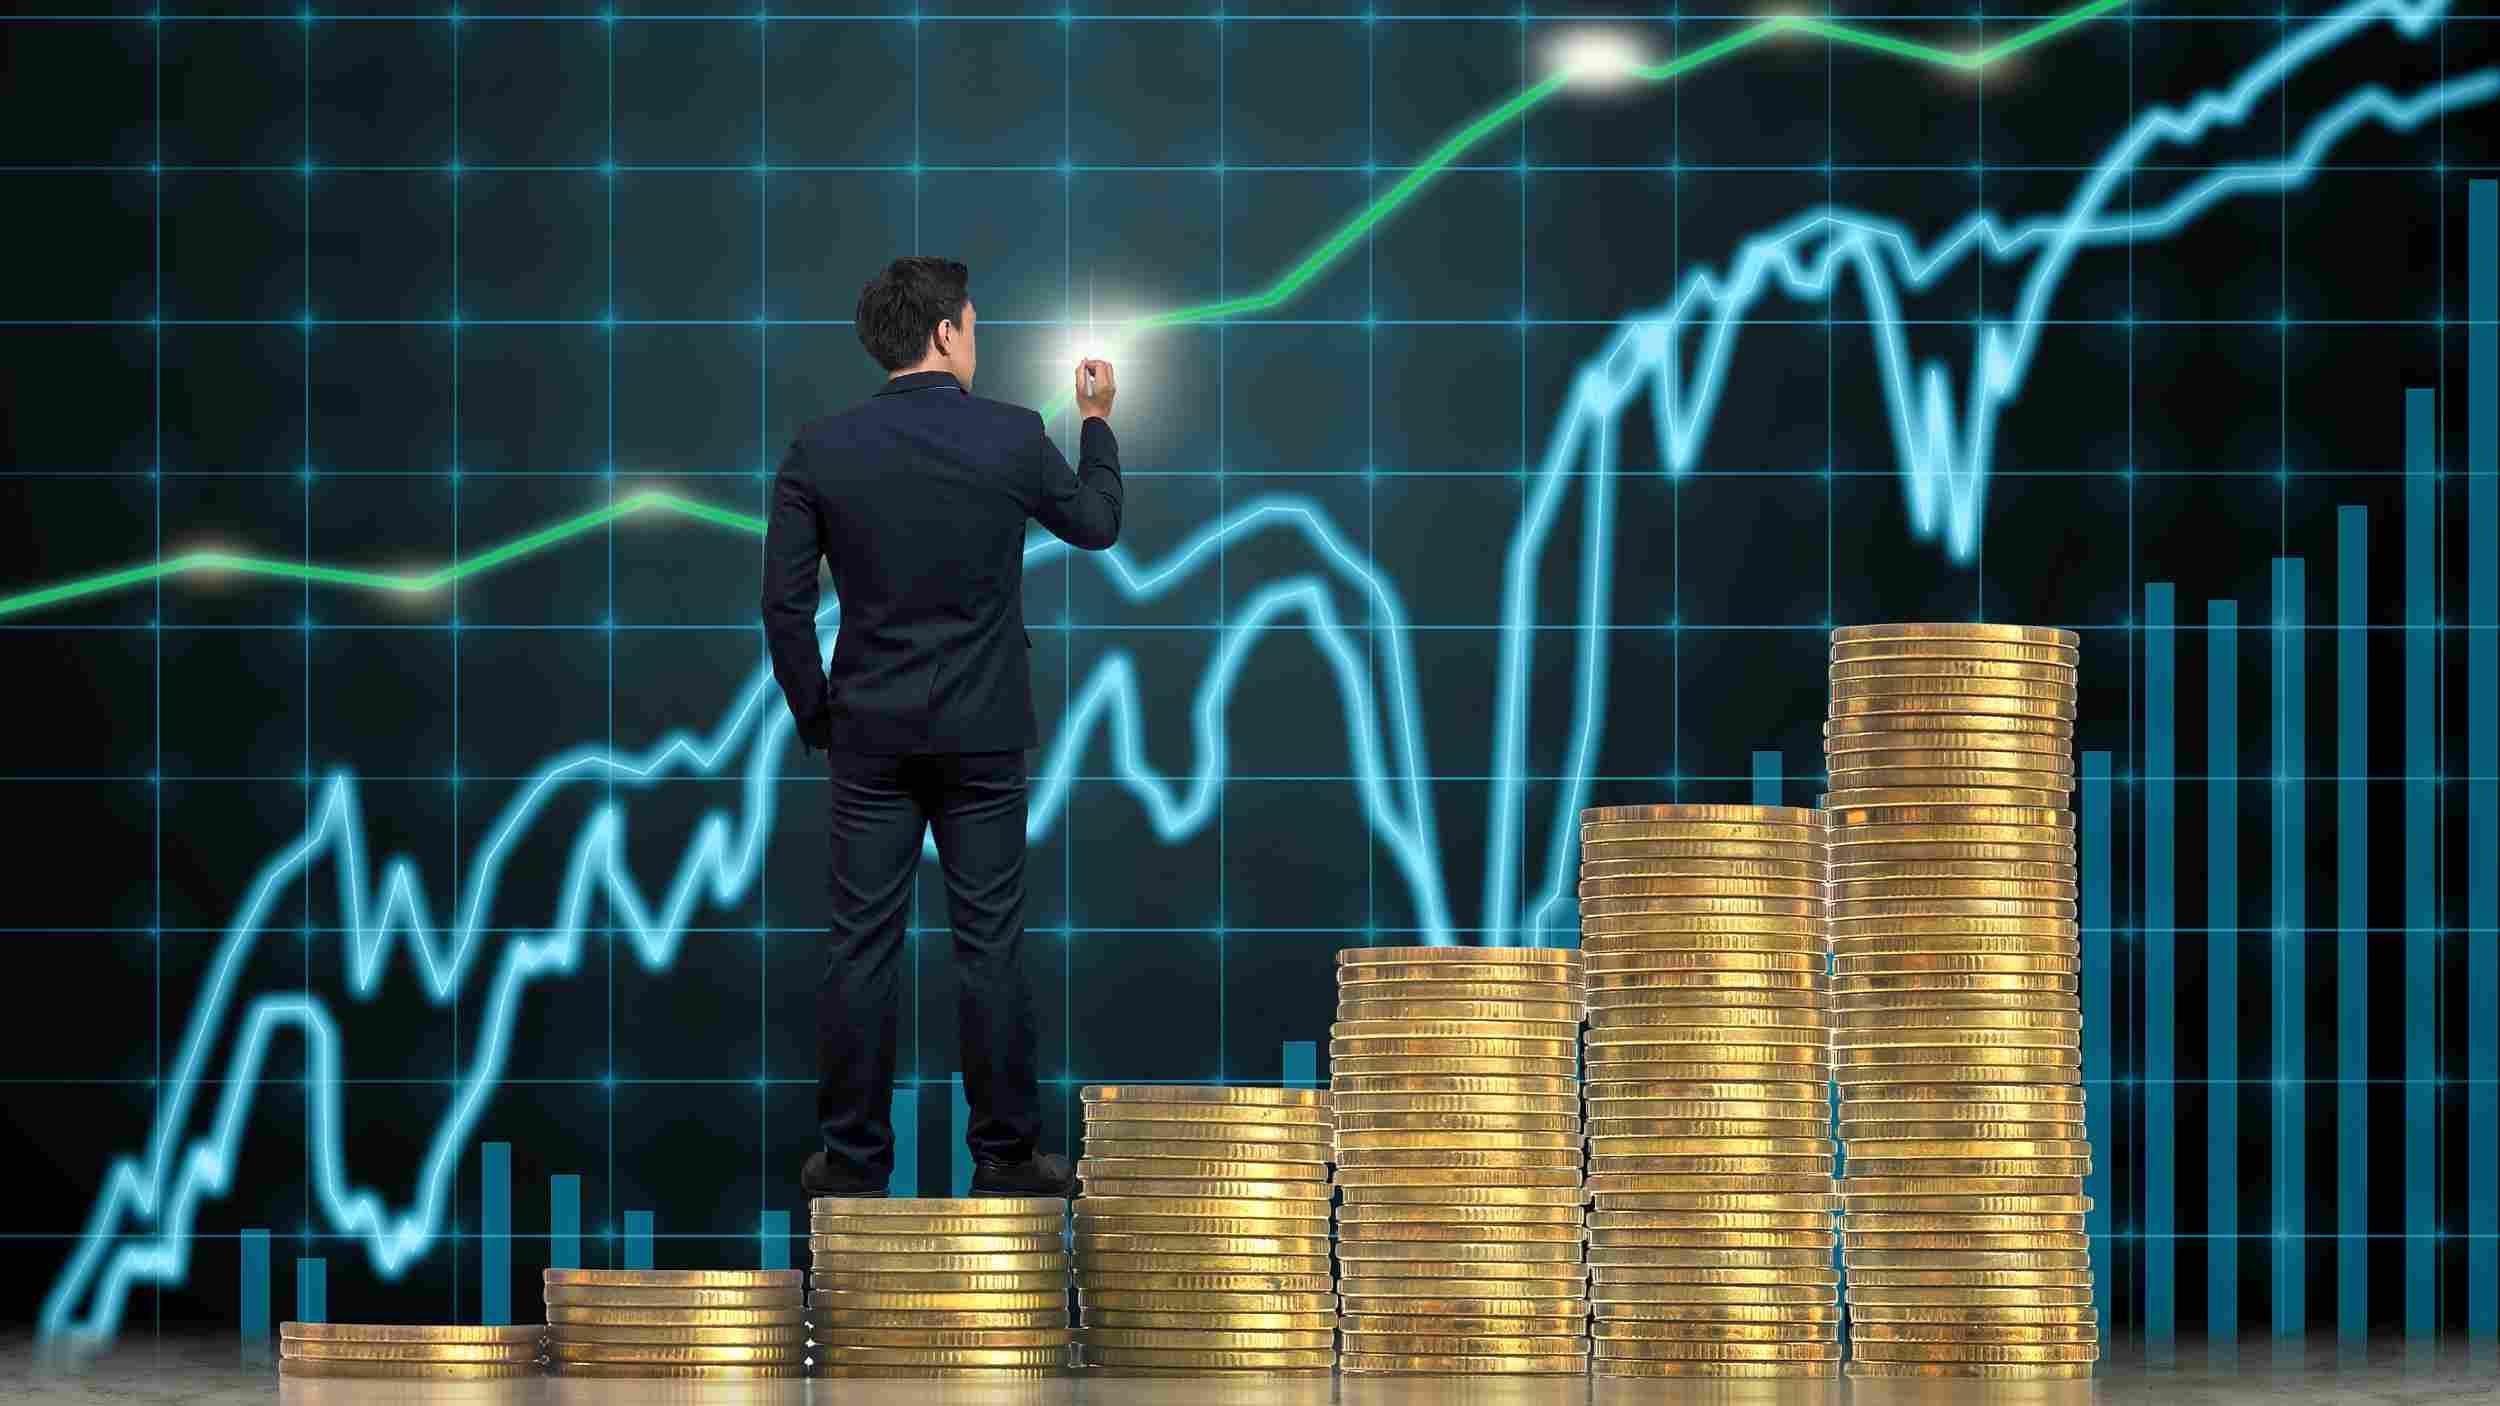 в какие акции вкладывать в кризис